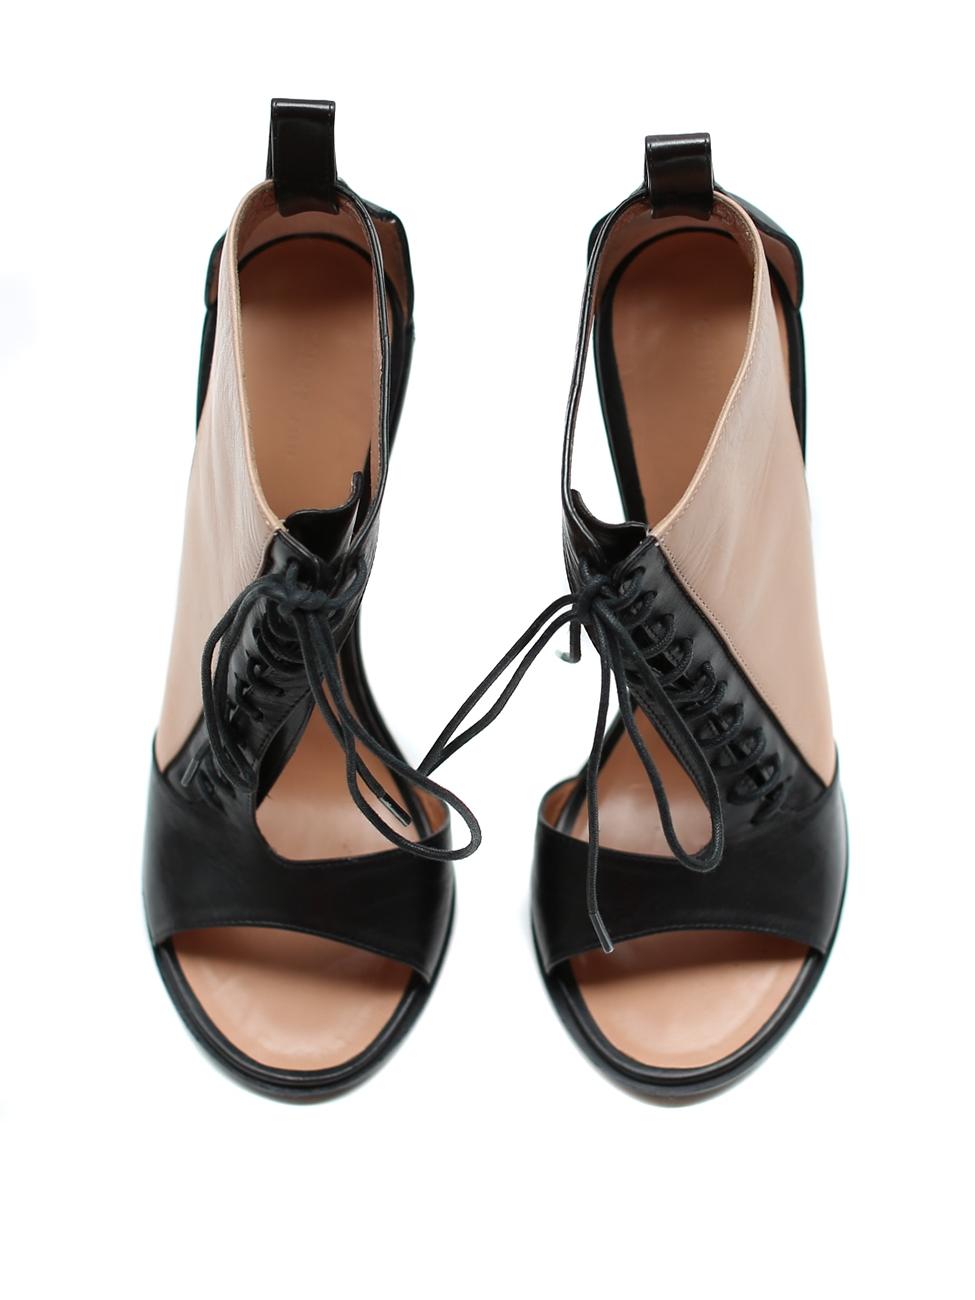 louise paris celine sandales lac es talon en cuir nude et noir neuves px boutique 700 taille 38. Black Bedroom Furniture Sets. Home Design Ideas